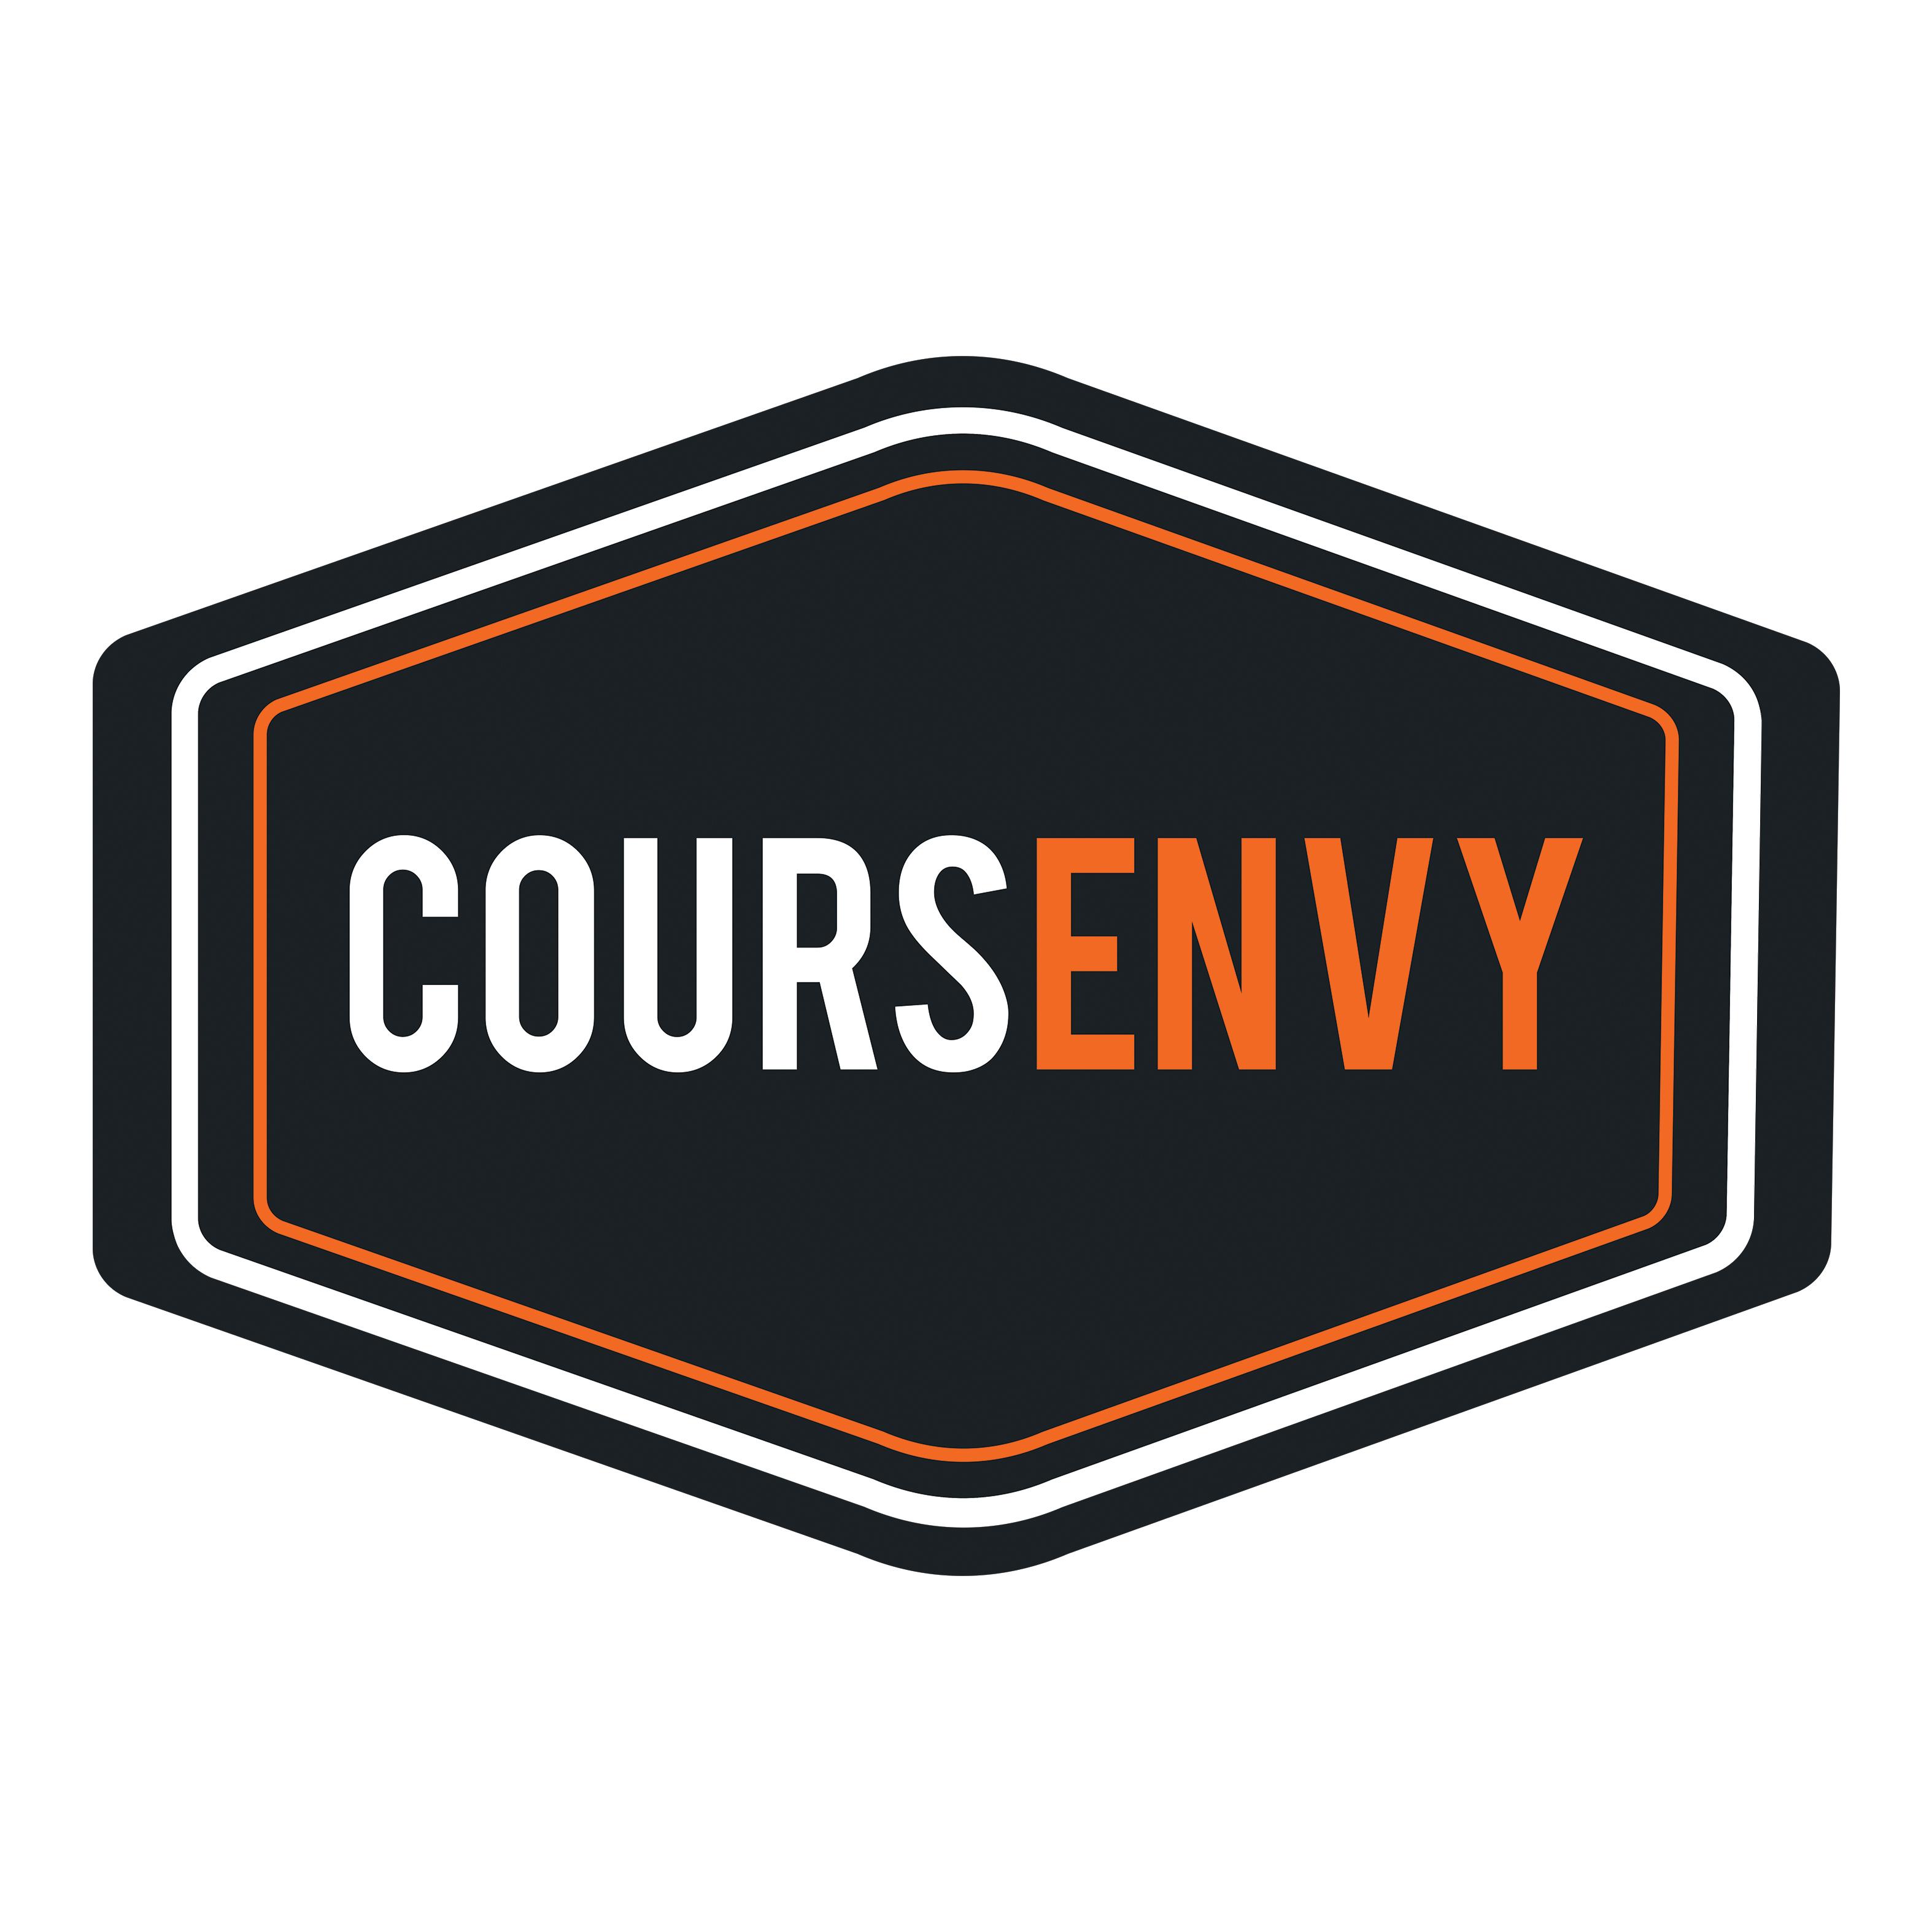 Coursenvy.com